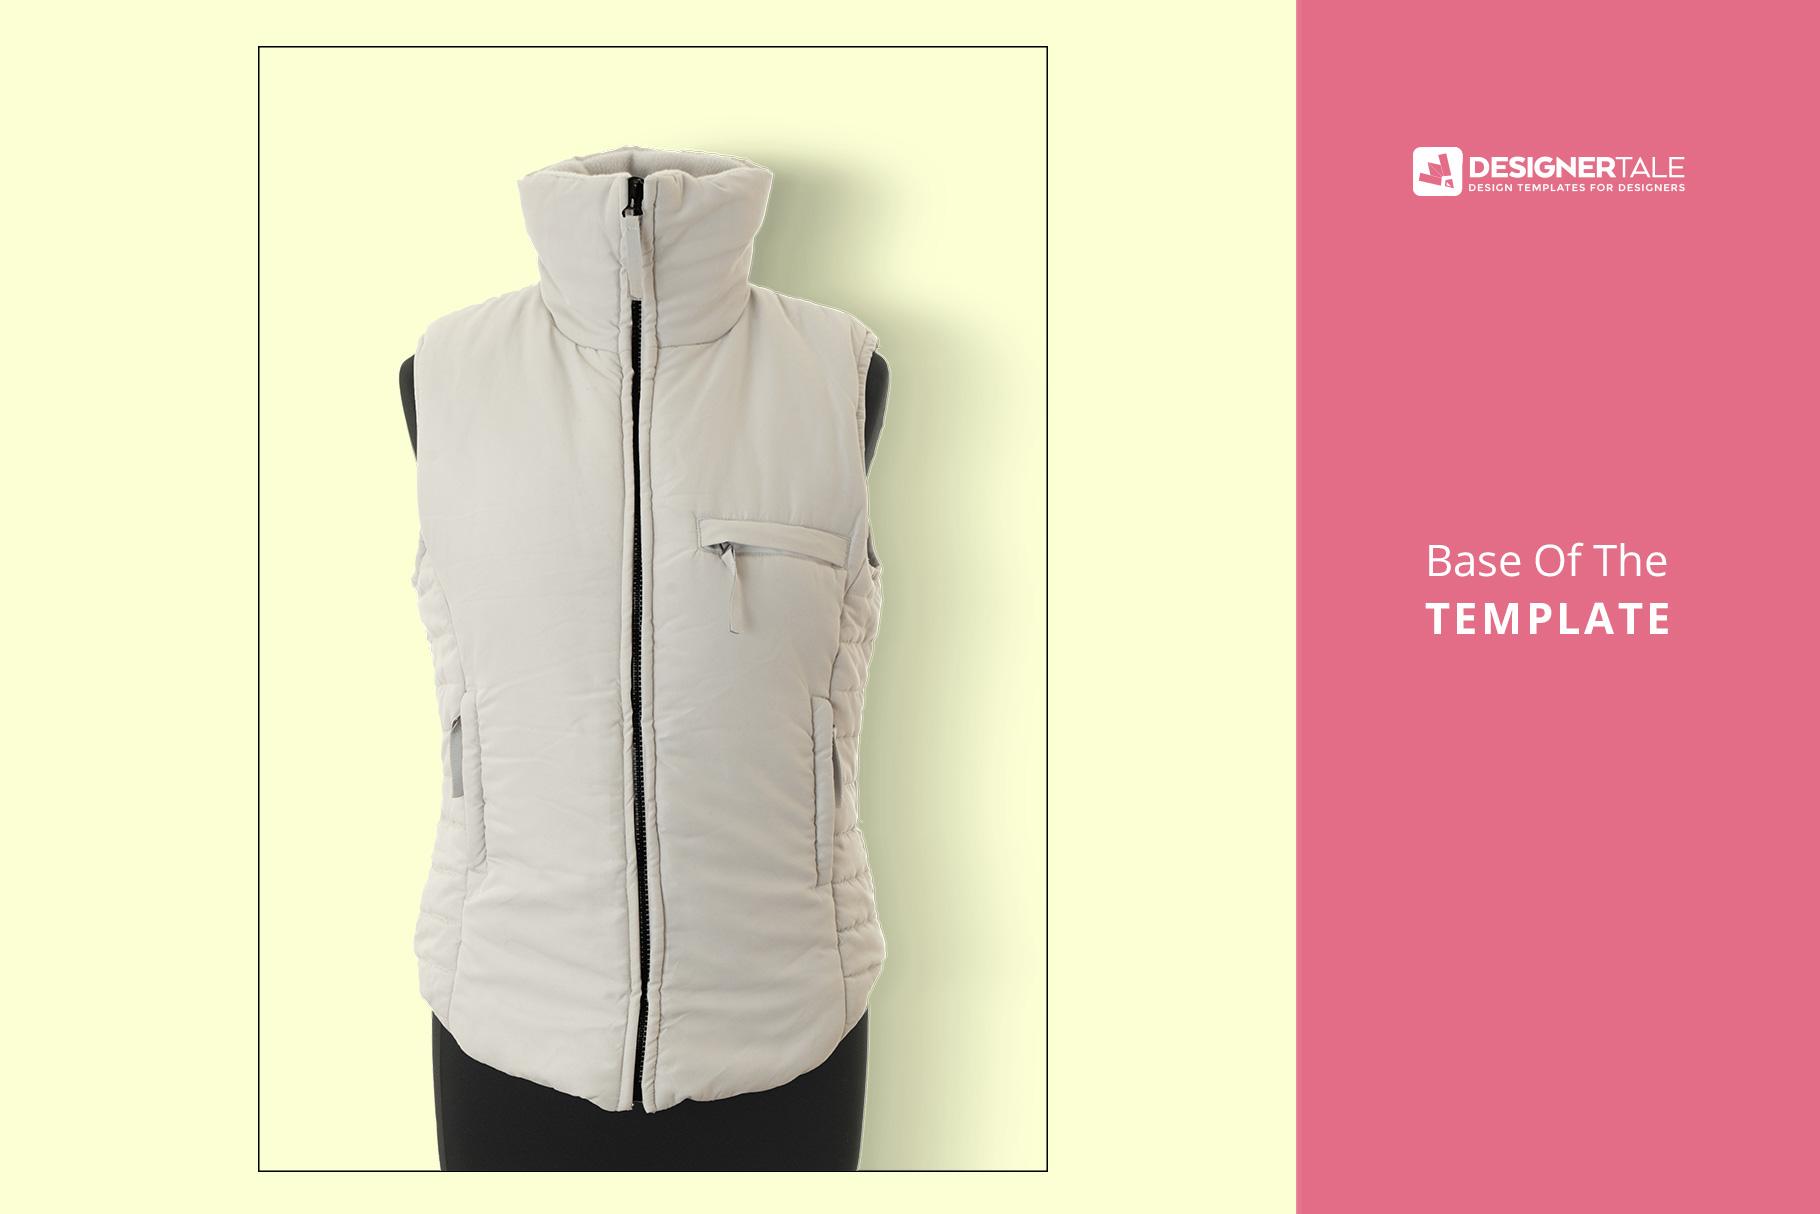 base image of the women's sleeveless winter jacket mockup